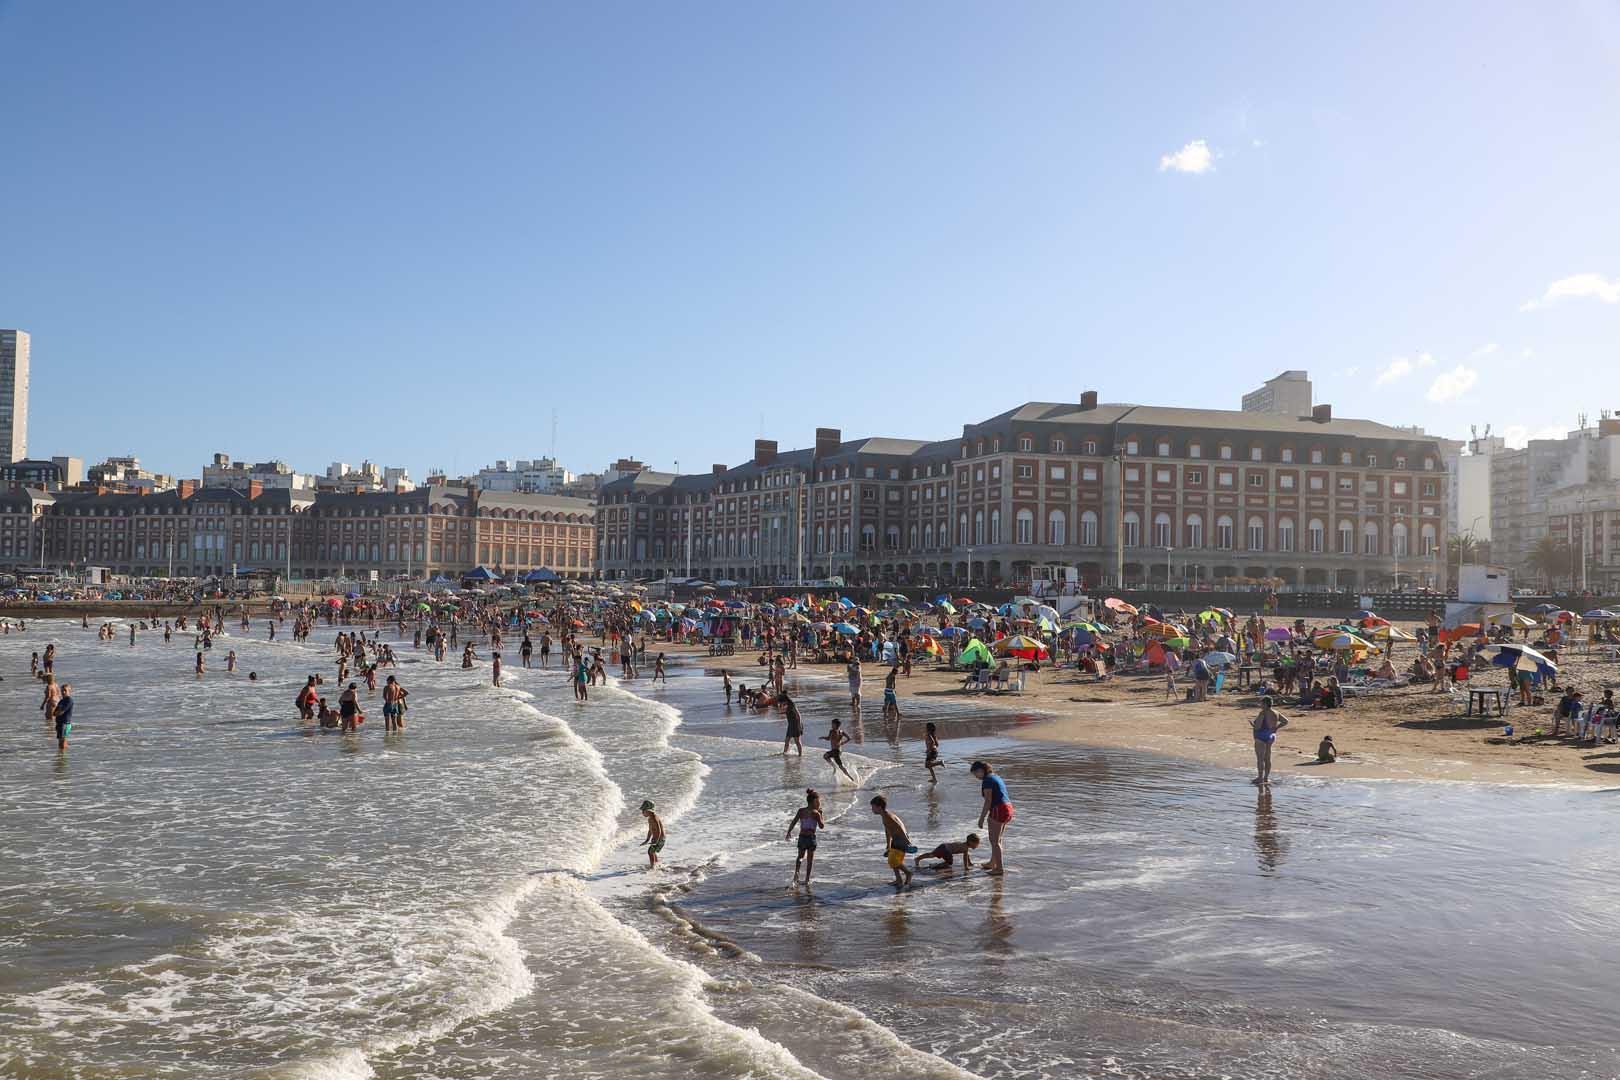 La zona céntrica de la ciudad recibió a una gran porción del turismo que llegó durante el fin de semana